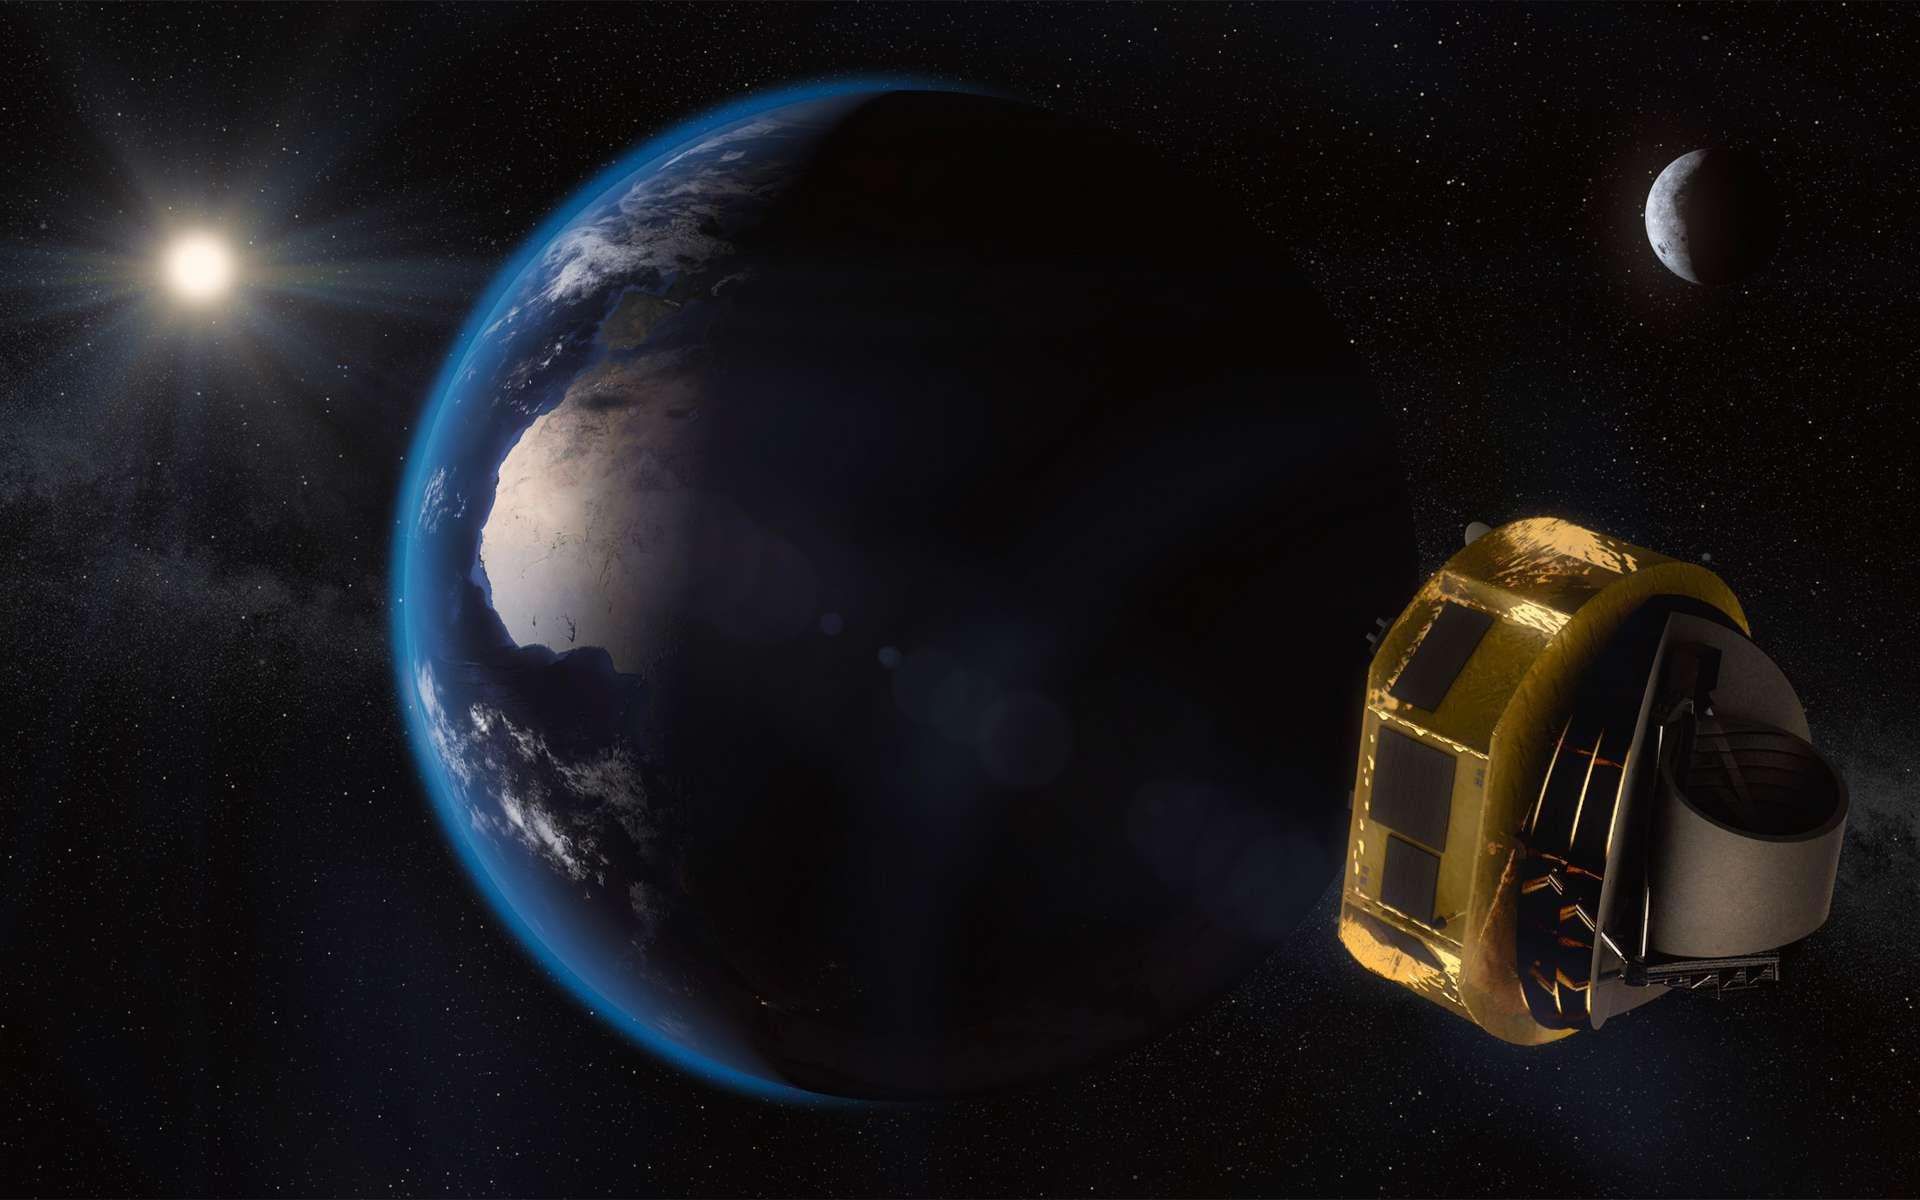 Vue d'artiste du satellite Ariel, dont l'équipe industrielle qui le réalisera n'a pas encore été choisie. On voit le bouclier thermique du satellite le protégeant du Soleil. © ESA, Ariel Science Team